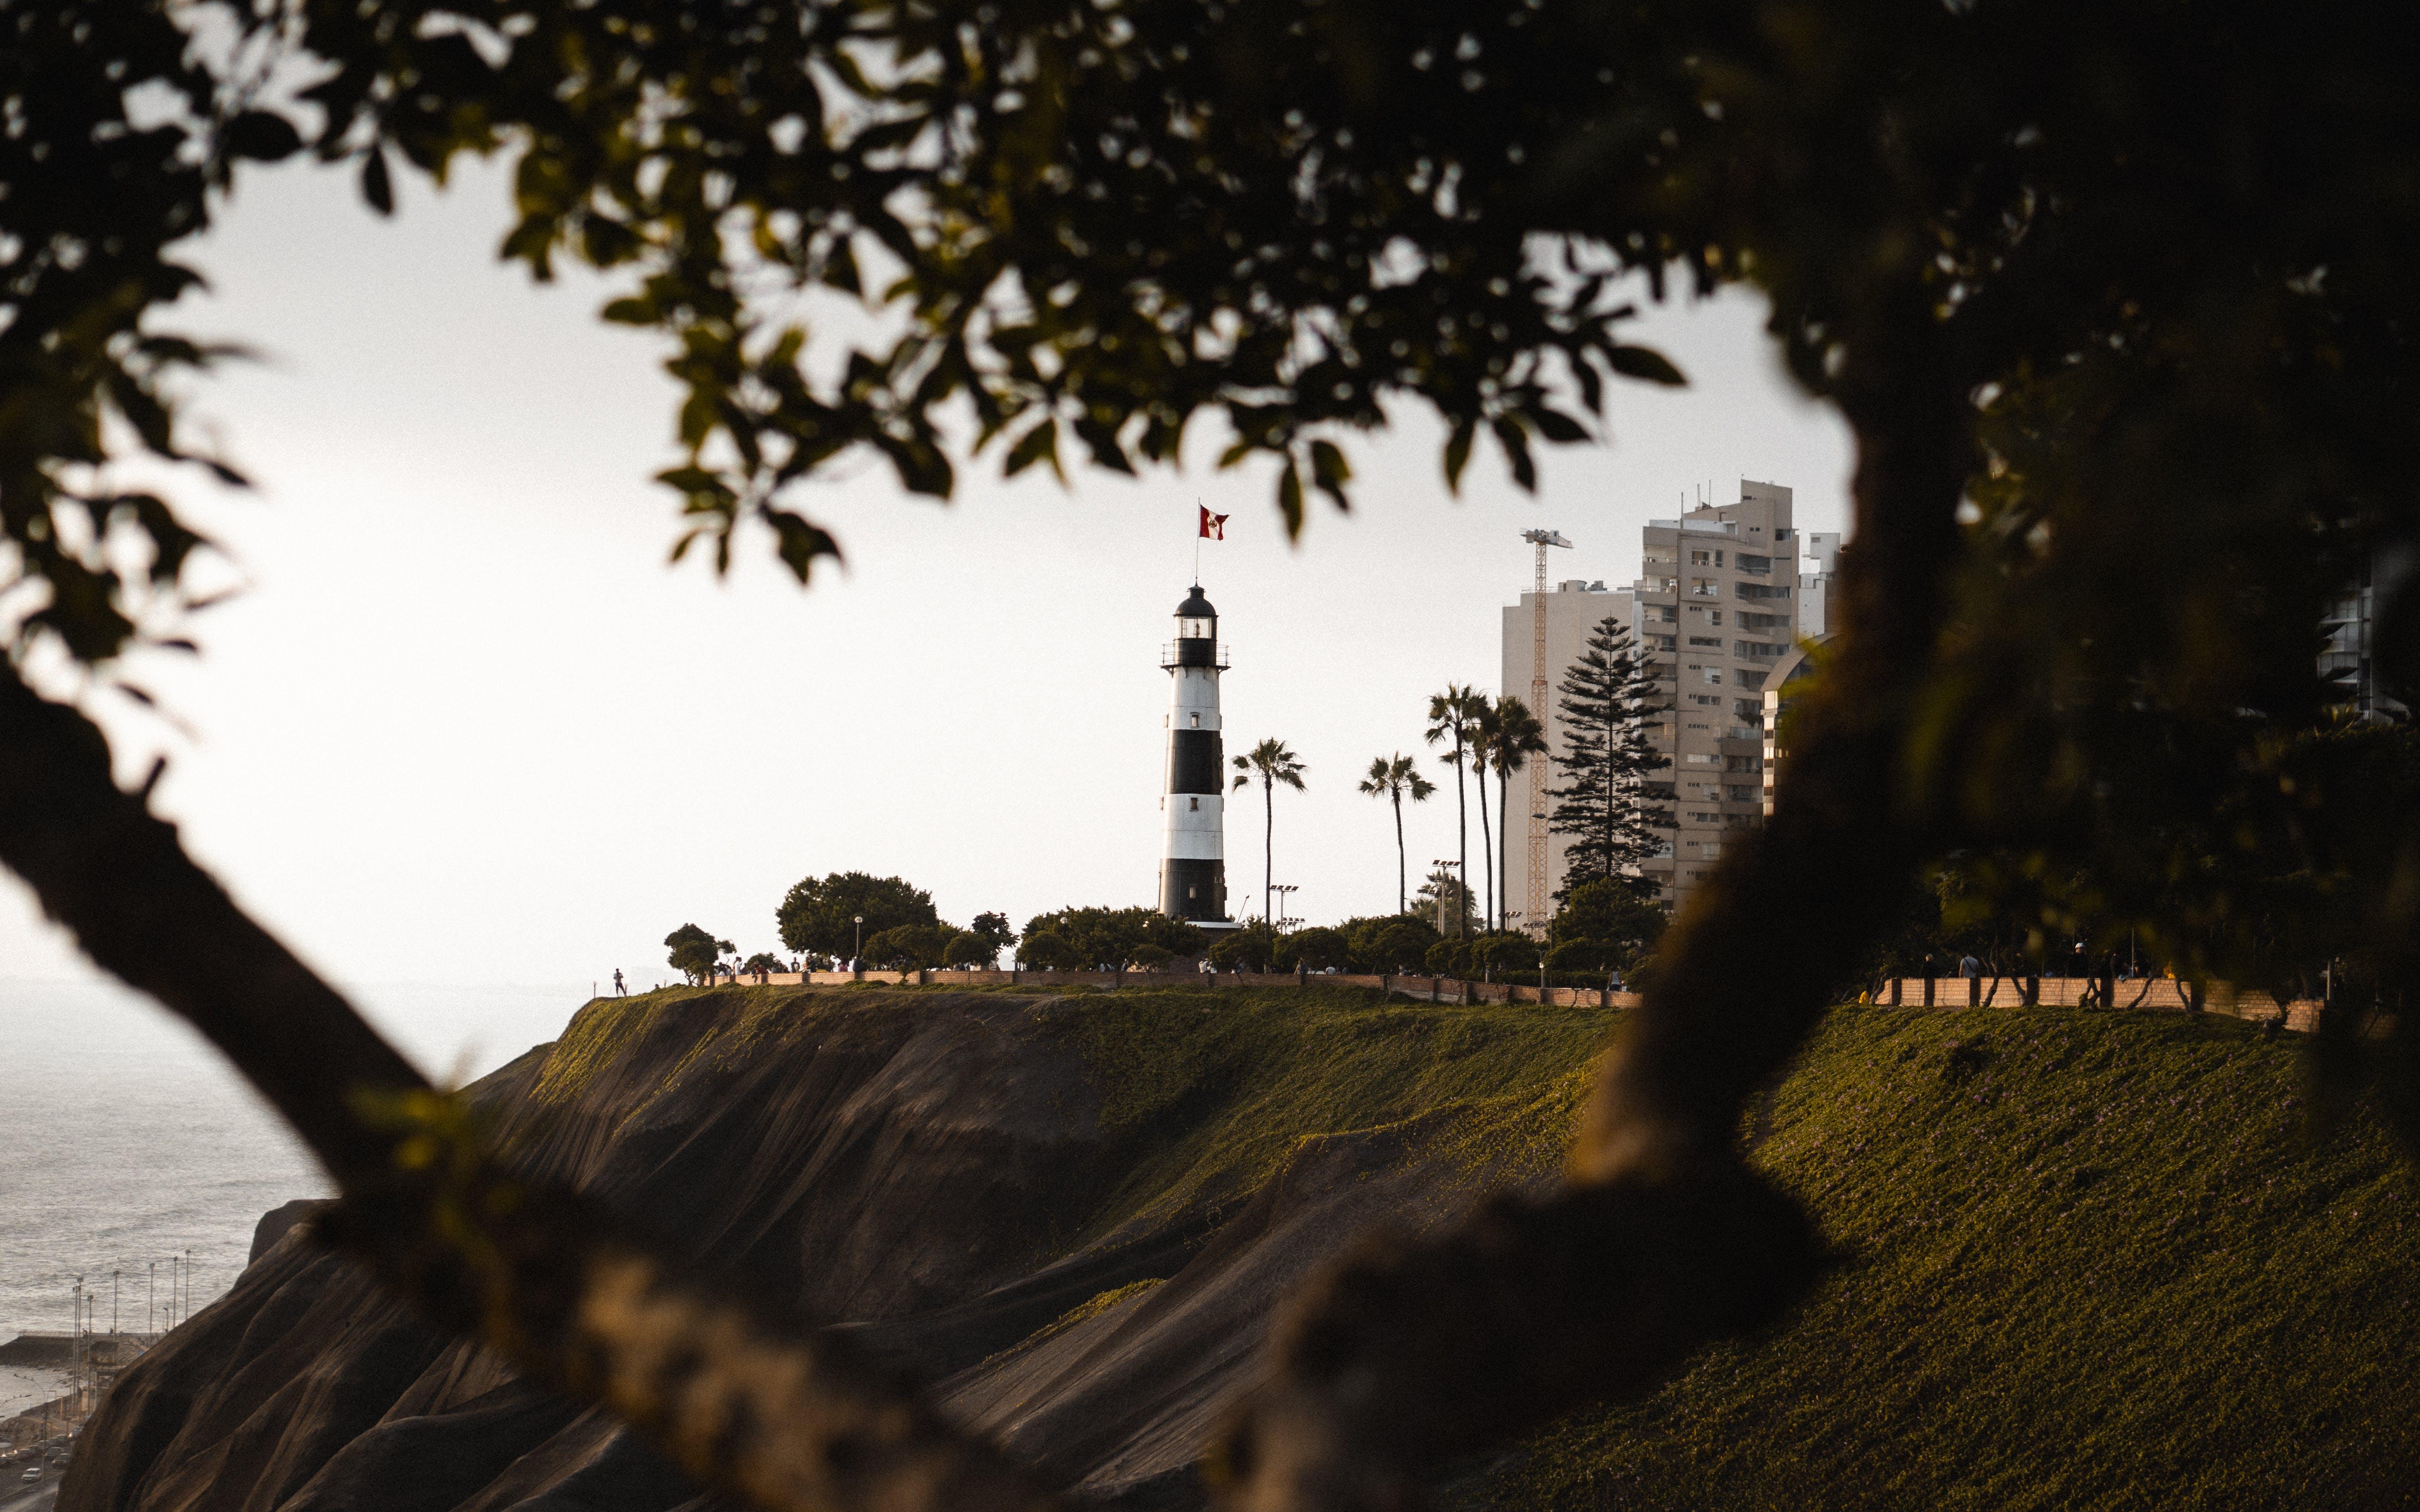 Kostenloses Stock Foto zu architektur, bäume, draußen, felsen